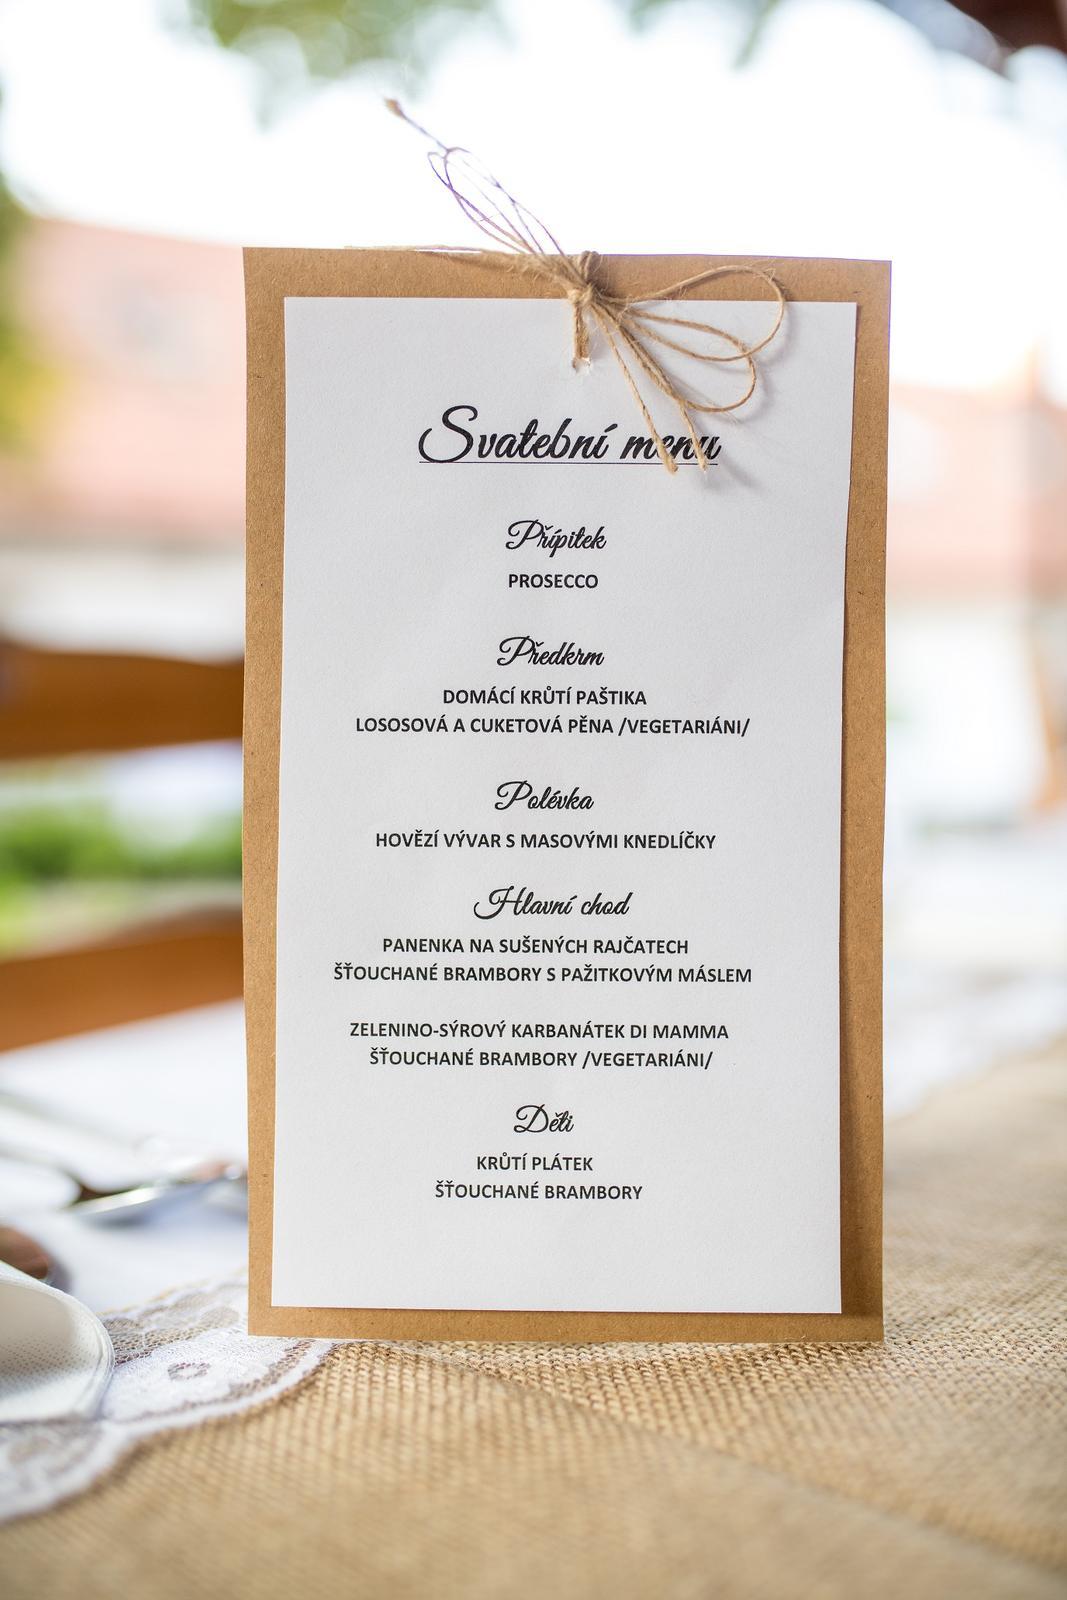 Kartičky na svatební menu, kraft papír, mašlička. - Obrázek č. 1